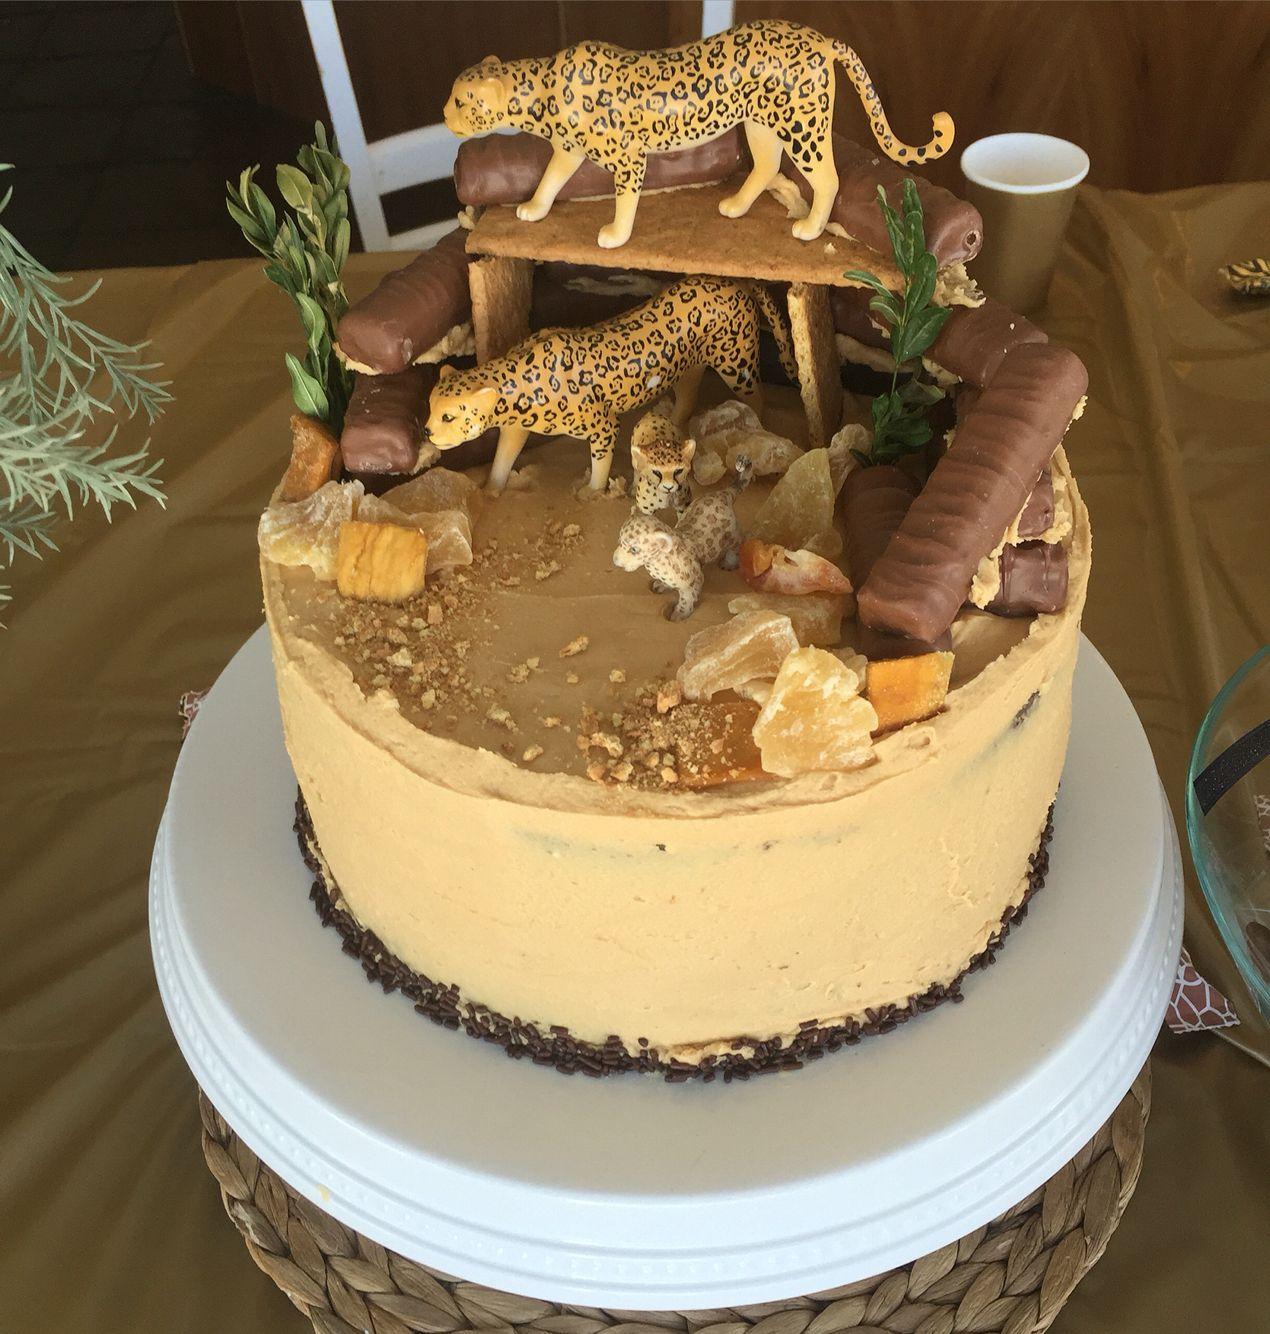 Strange Cheetah Birthday Cake Cheetah Birthday Cakes Cheetah Cakes Funny Birthday Cards Online Benoljebrpdamsfinfo